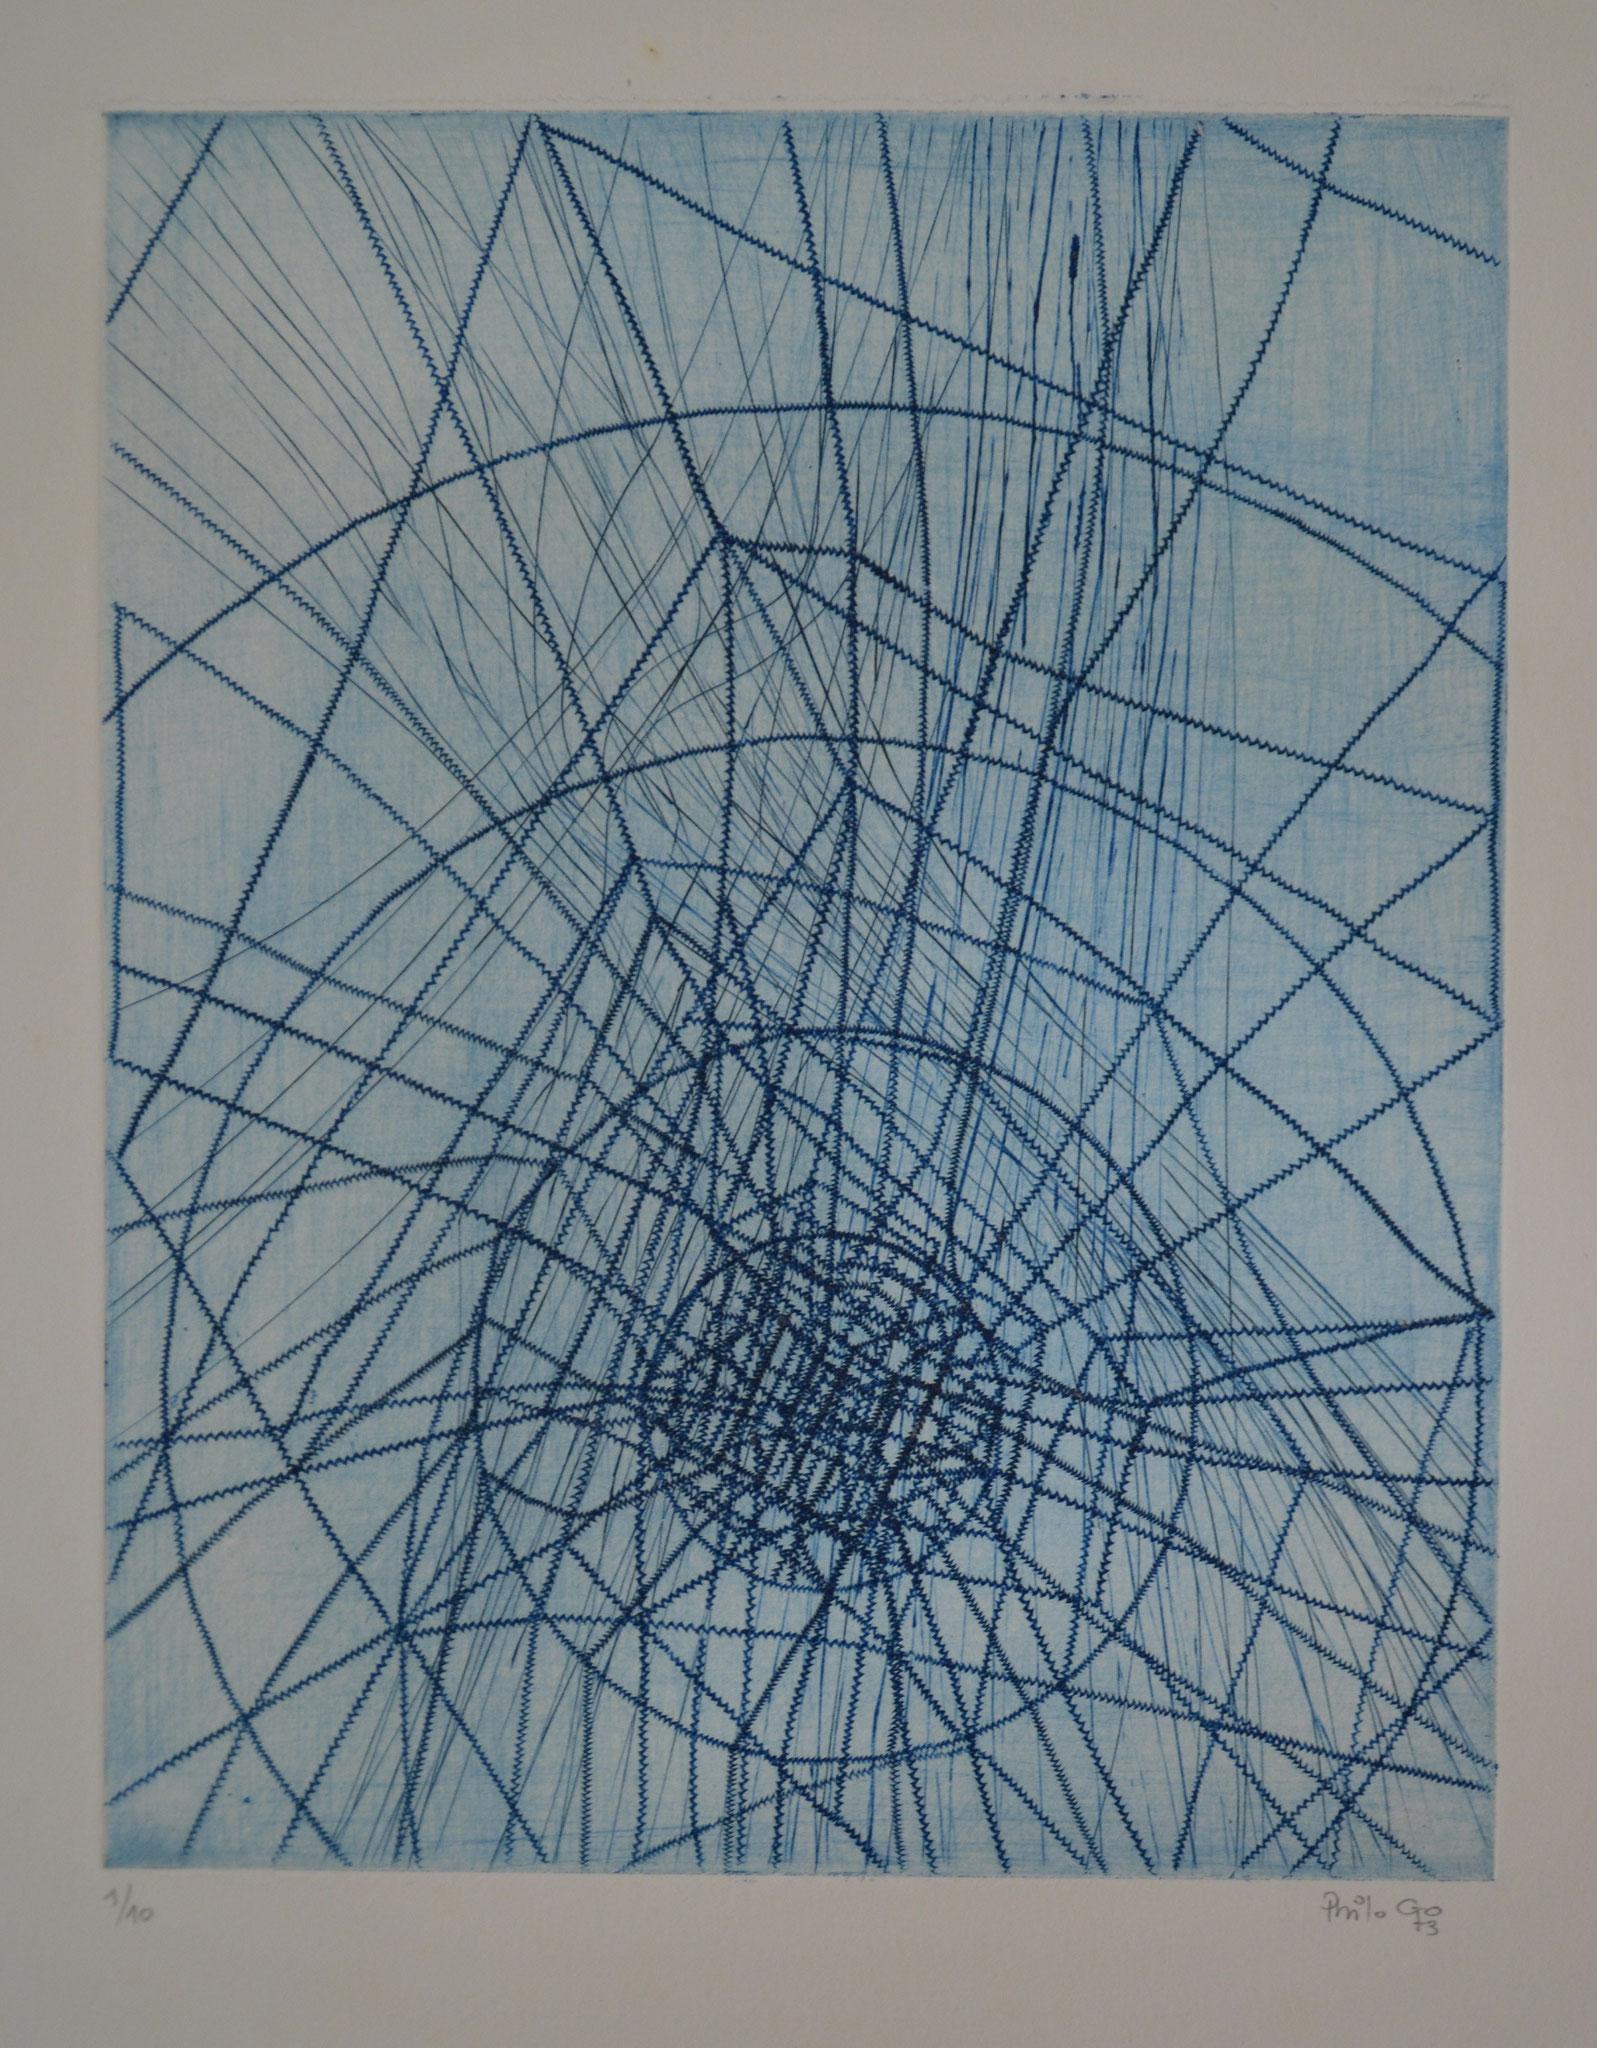 A travers l'univers gravure 56x38cm 1973